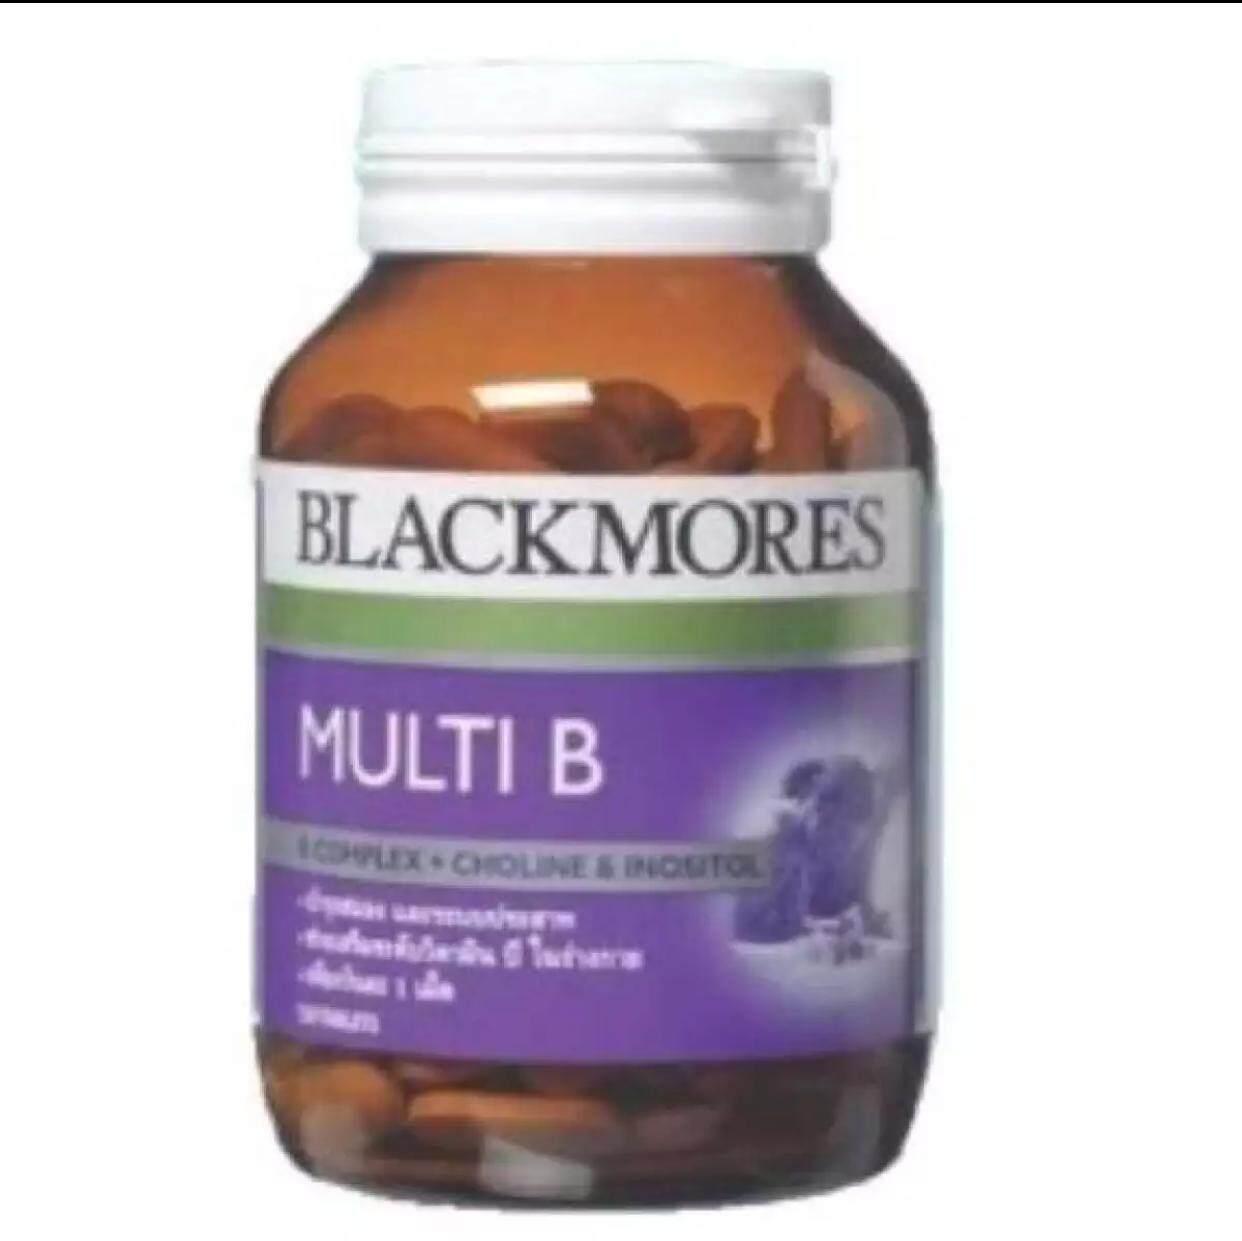 กาญจนบุรี Blackmores Multi บี แบลคมอร์ส มัลติ บี B  ขนาด 120 เม็ด วิตามินบีรวมบำรุงระบบประสาท